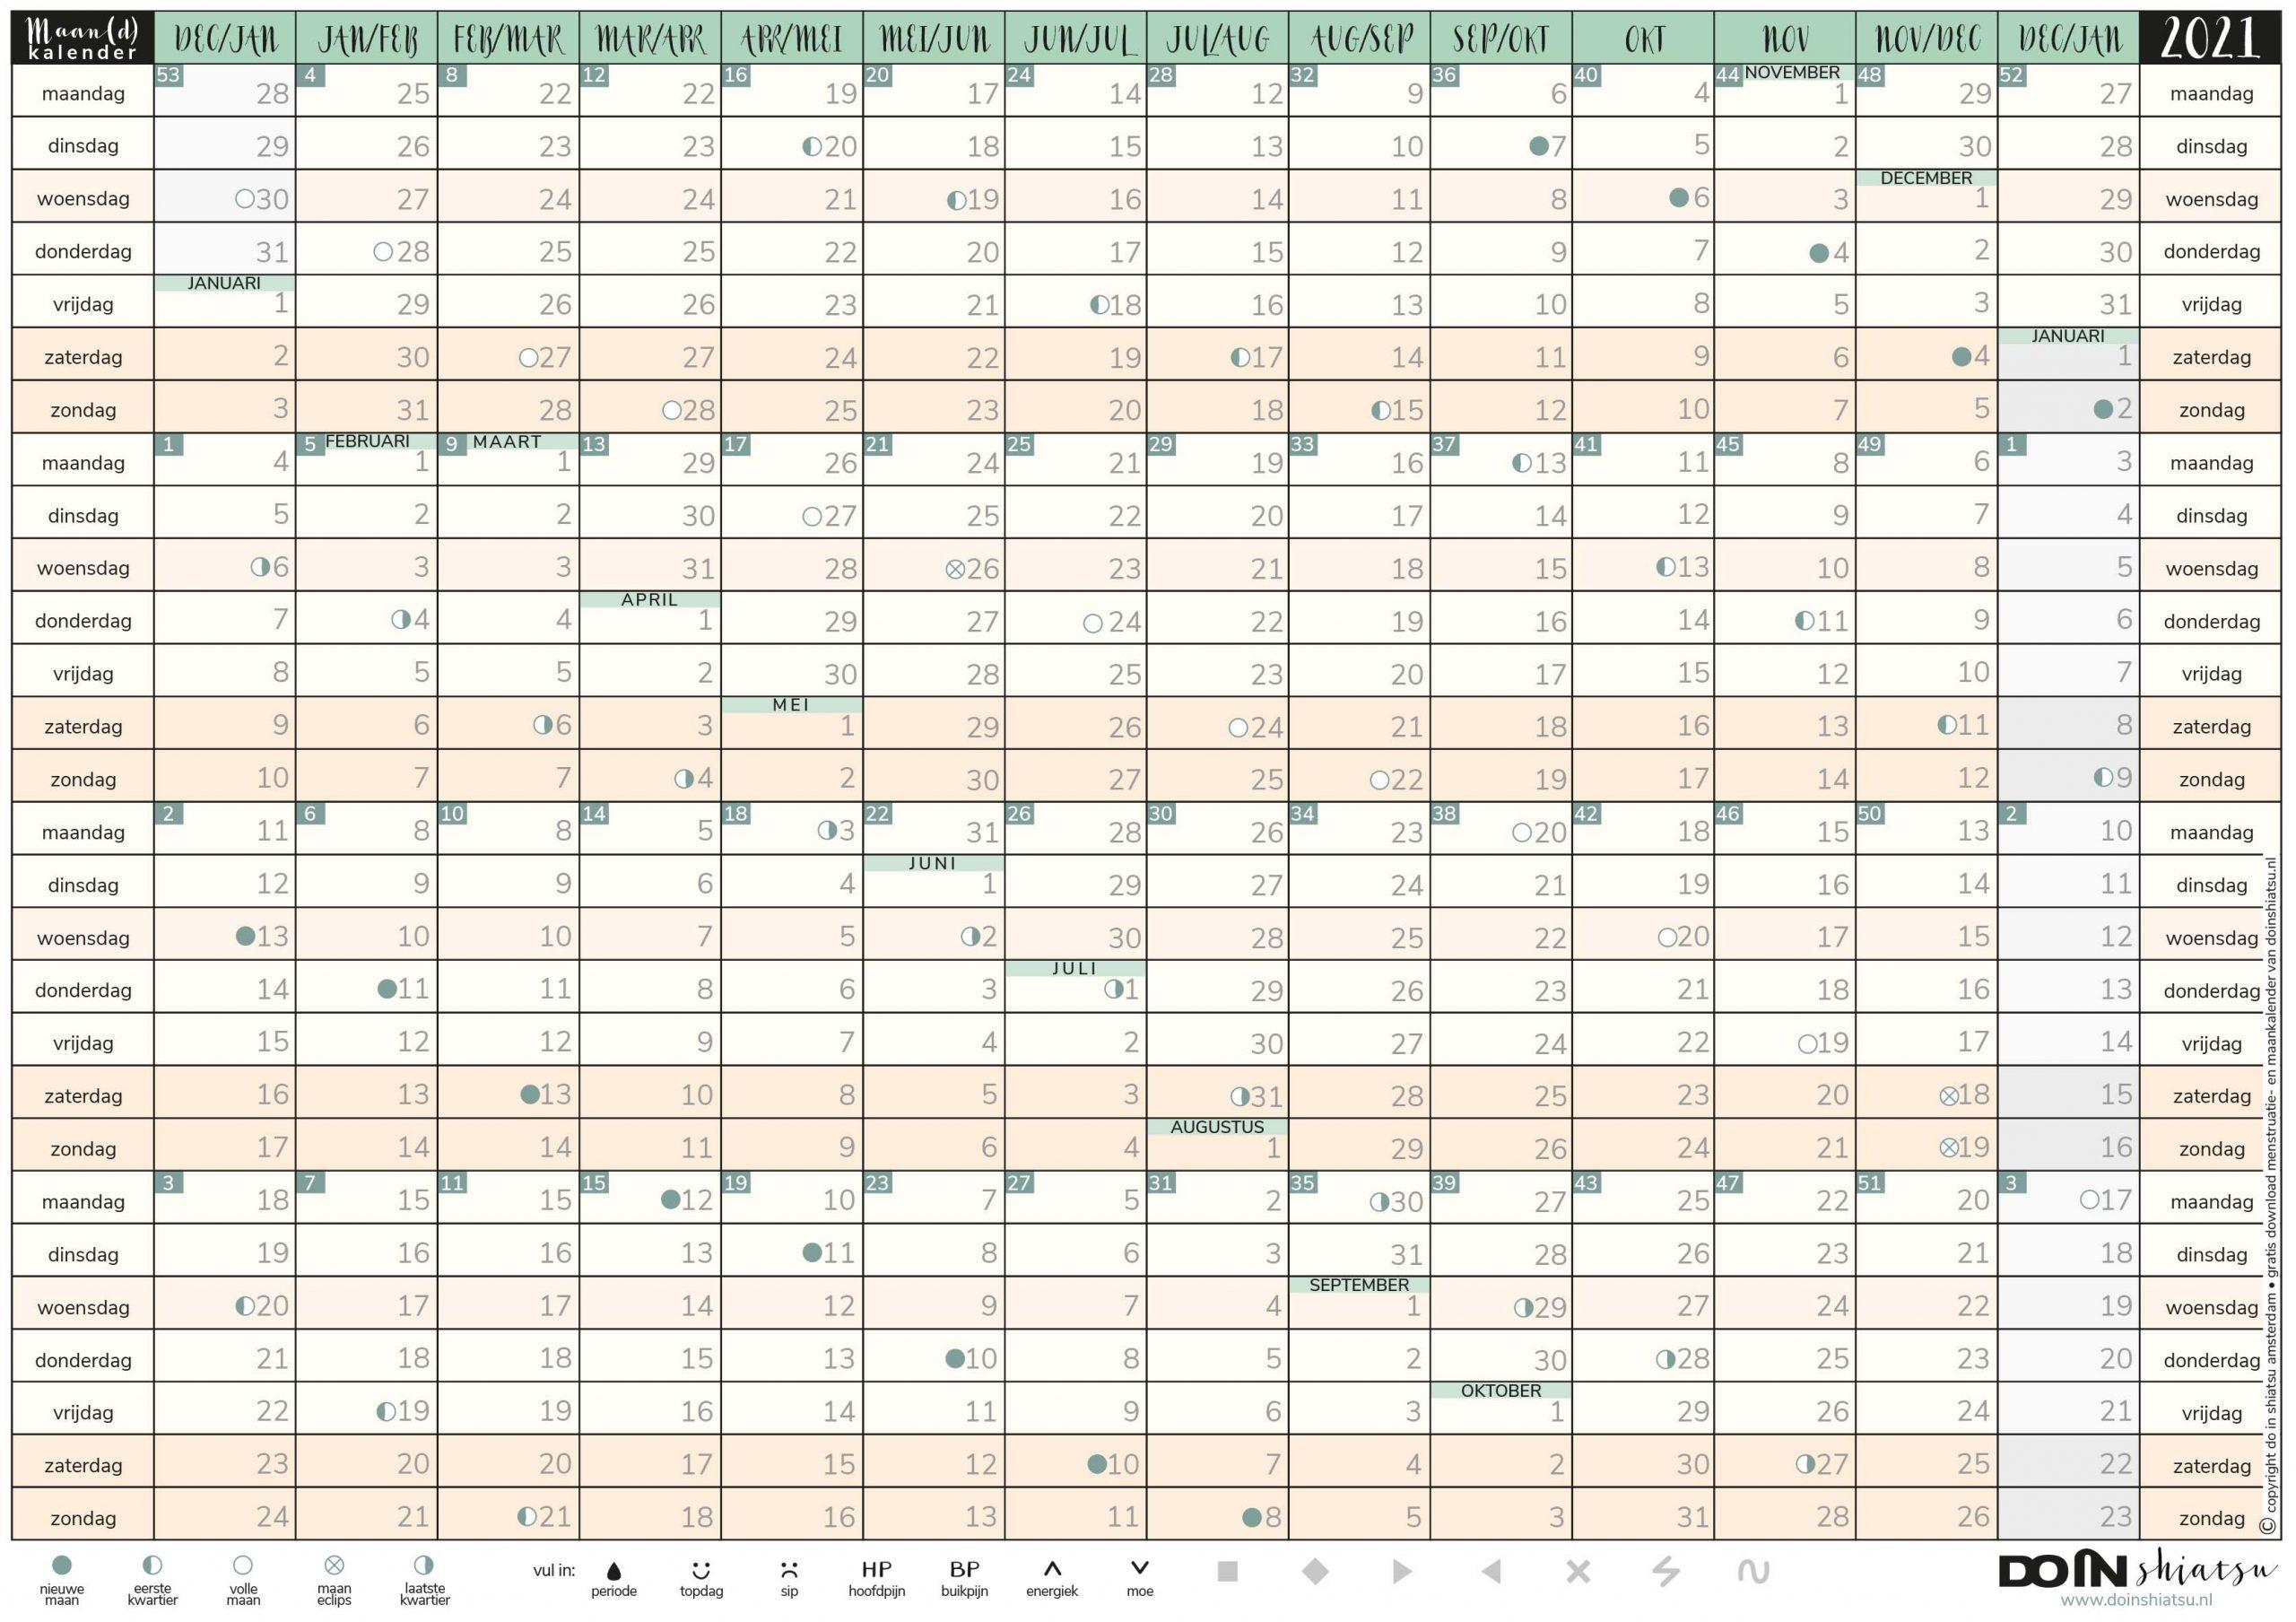 maan(d)kalender, menstruatie kalender 2021, maankalender, maandkalender, men-struatie, tool, wonder, menstruatieklachten